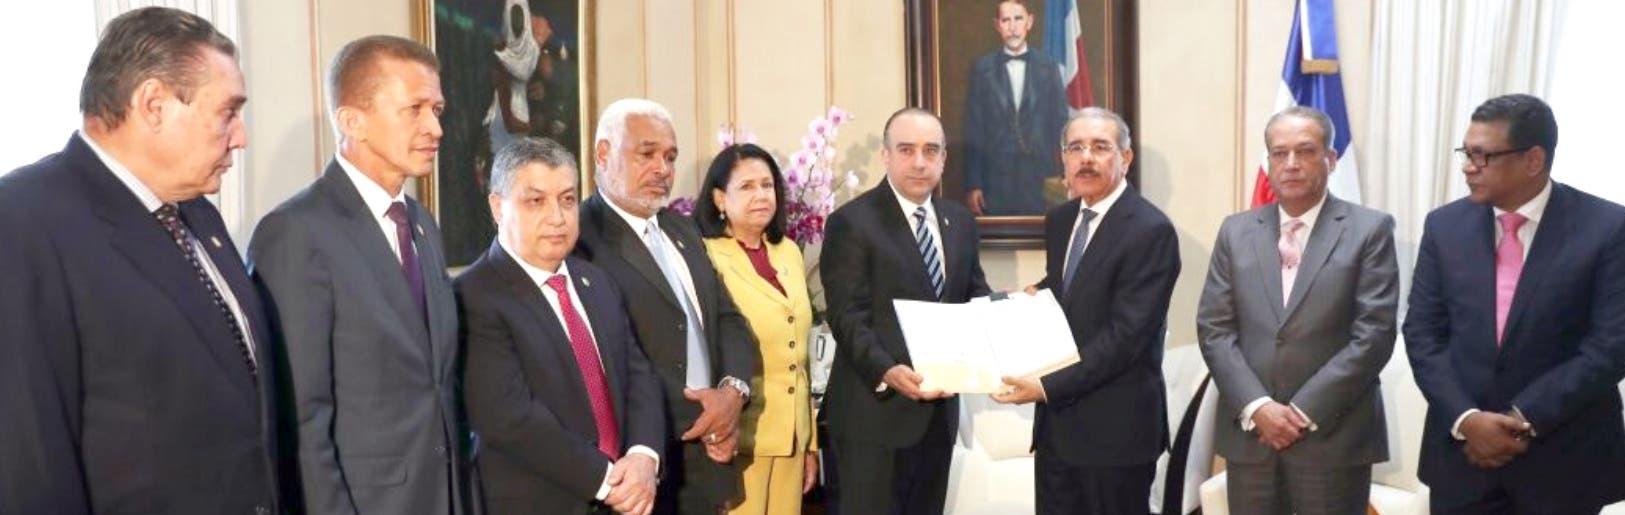 El presidente Medina fue el último de los líderes políticos con el que se reunieron los miembros de la Comisión que estudia la ley.